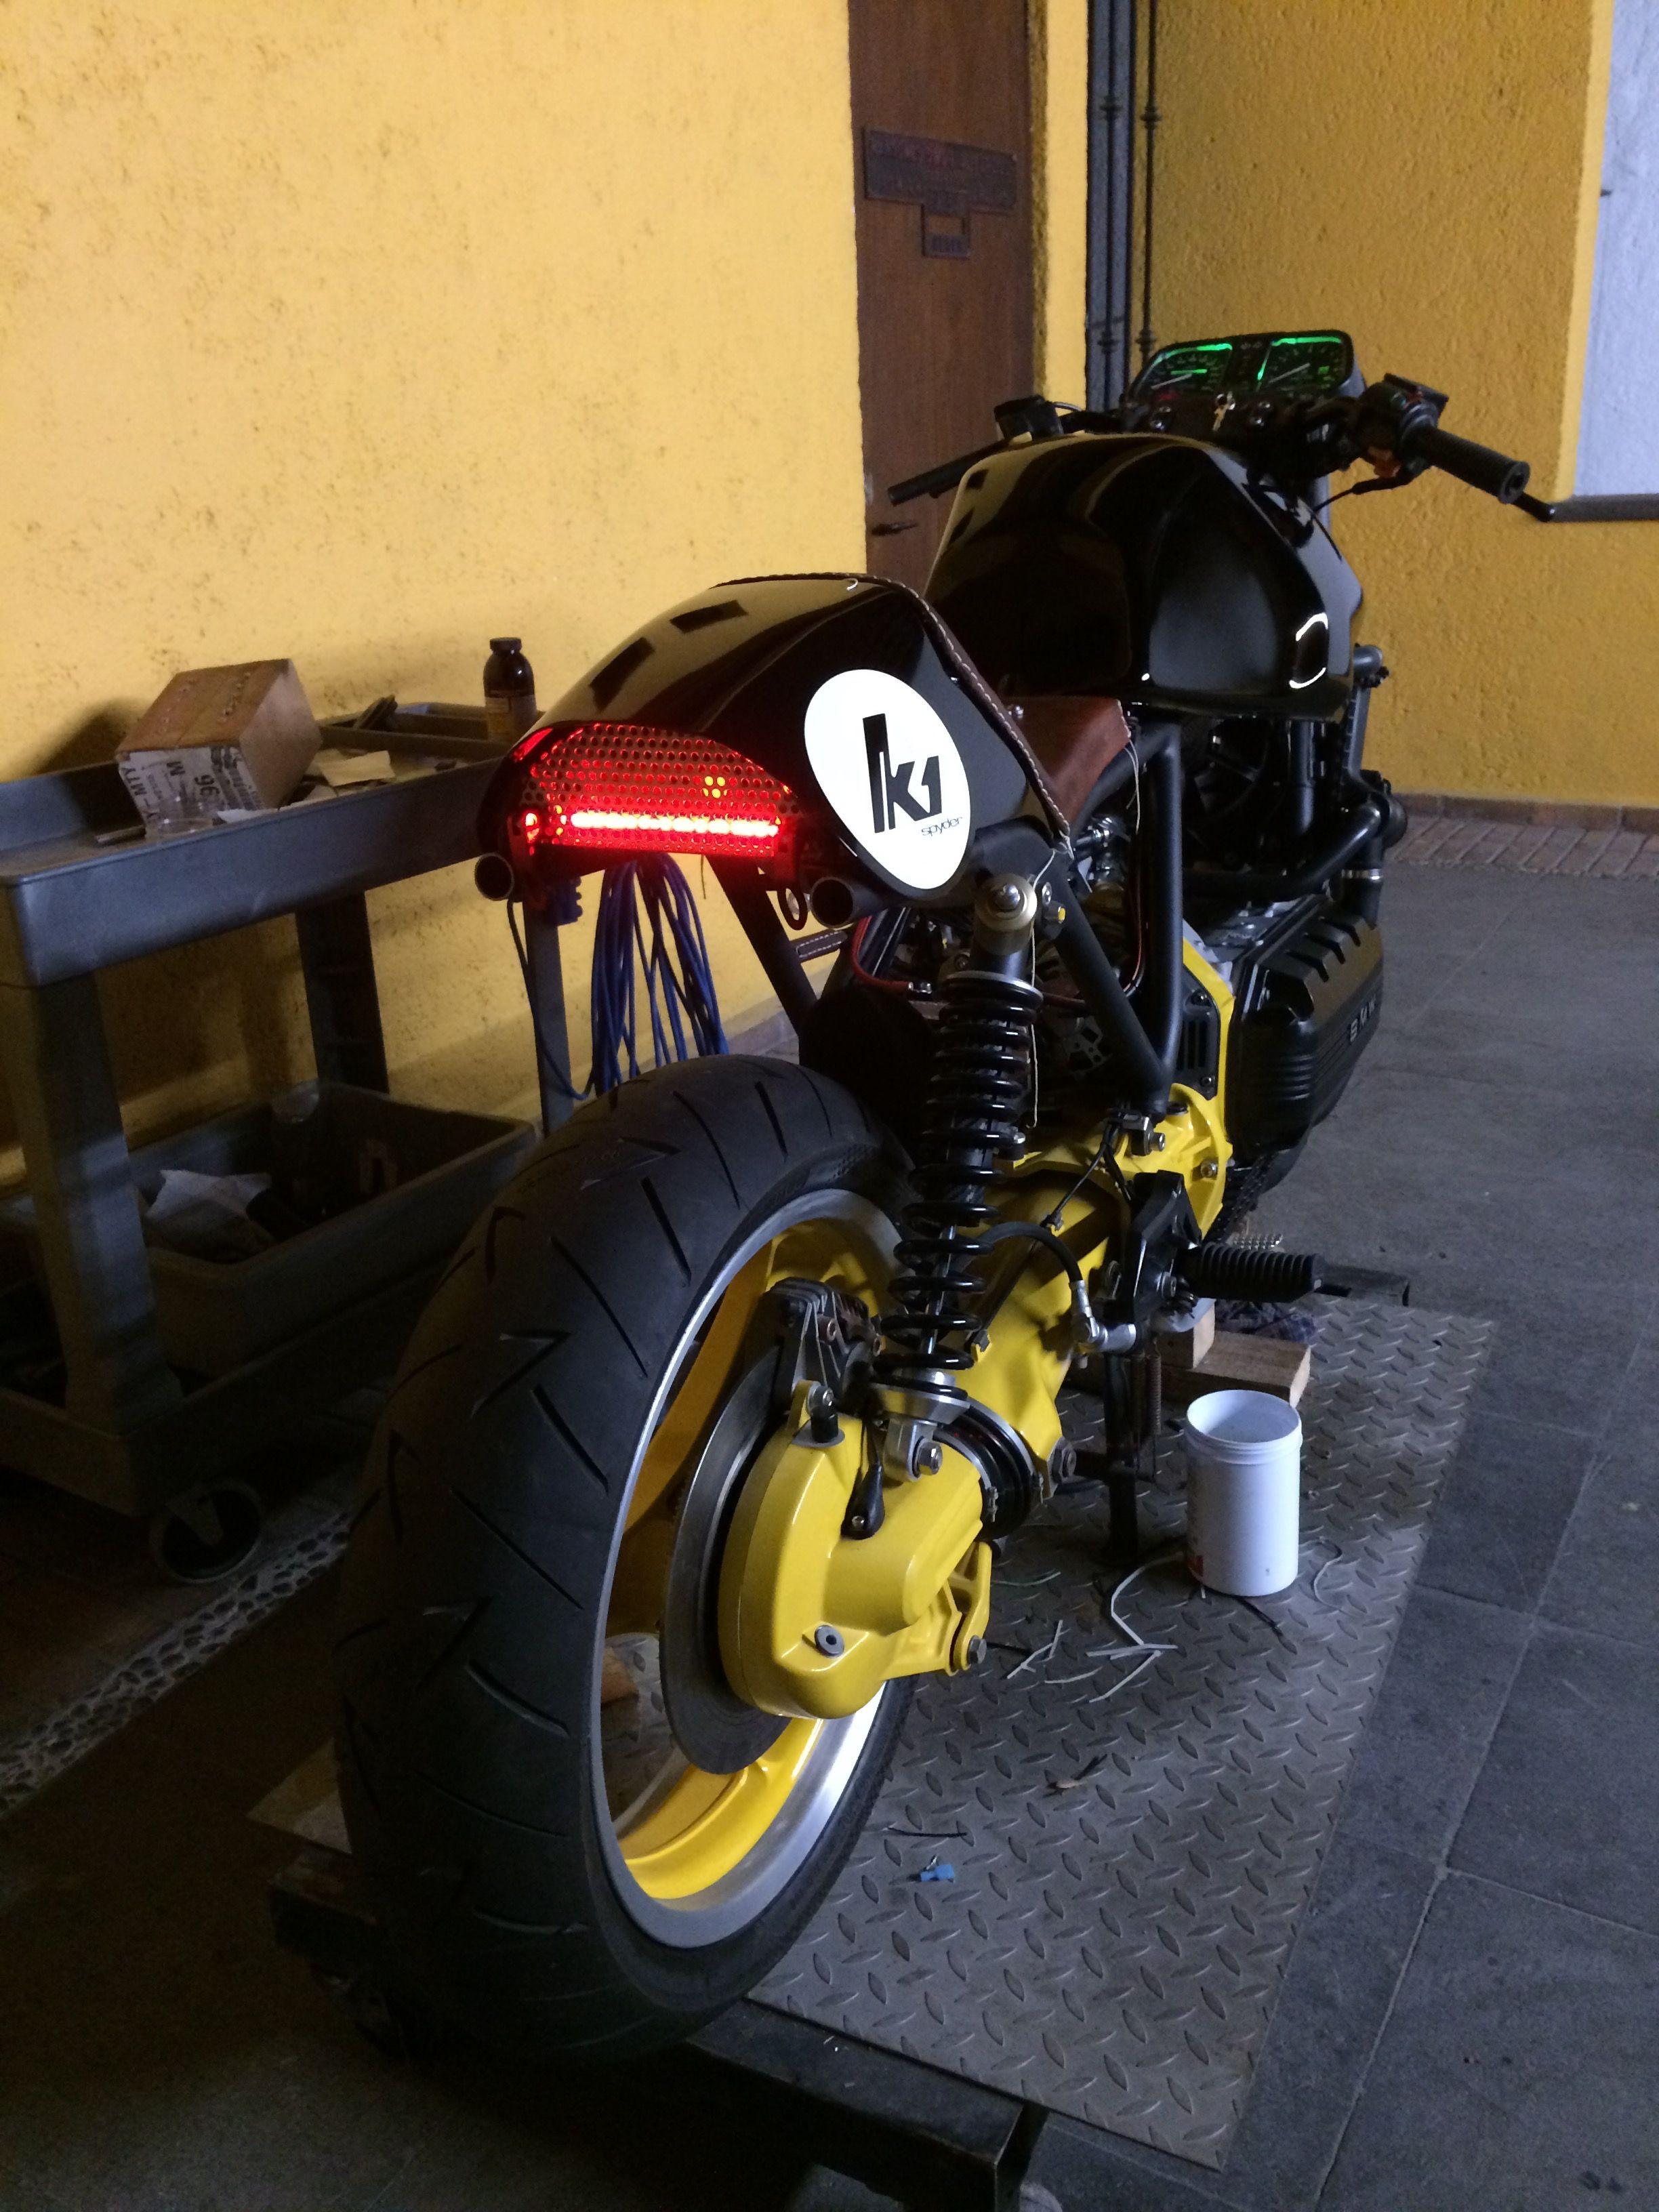 bmw k1 cafe racer, tail light | bmw k1 cafe racer | pinterest